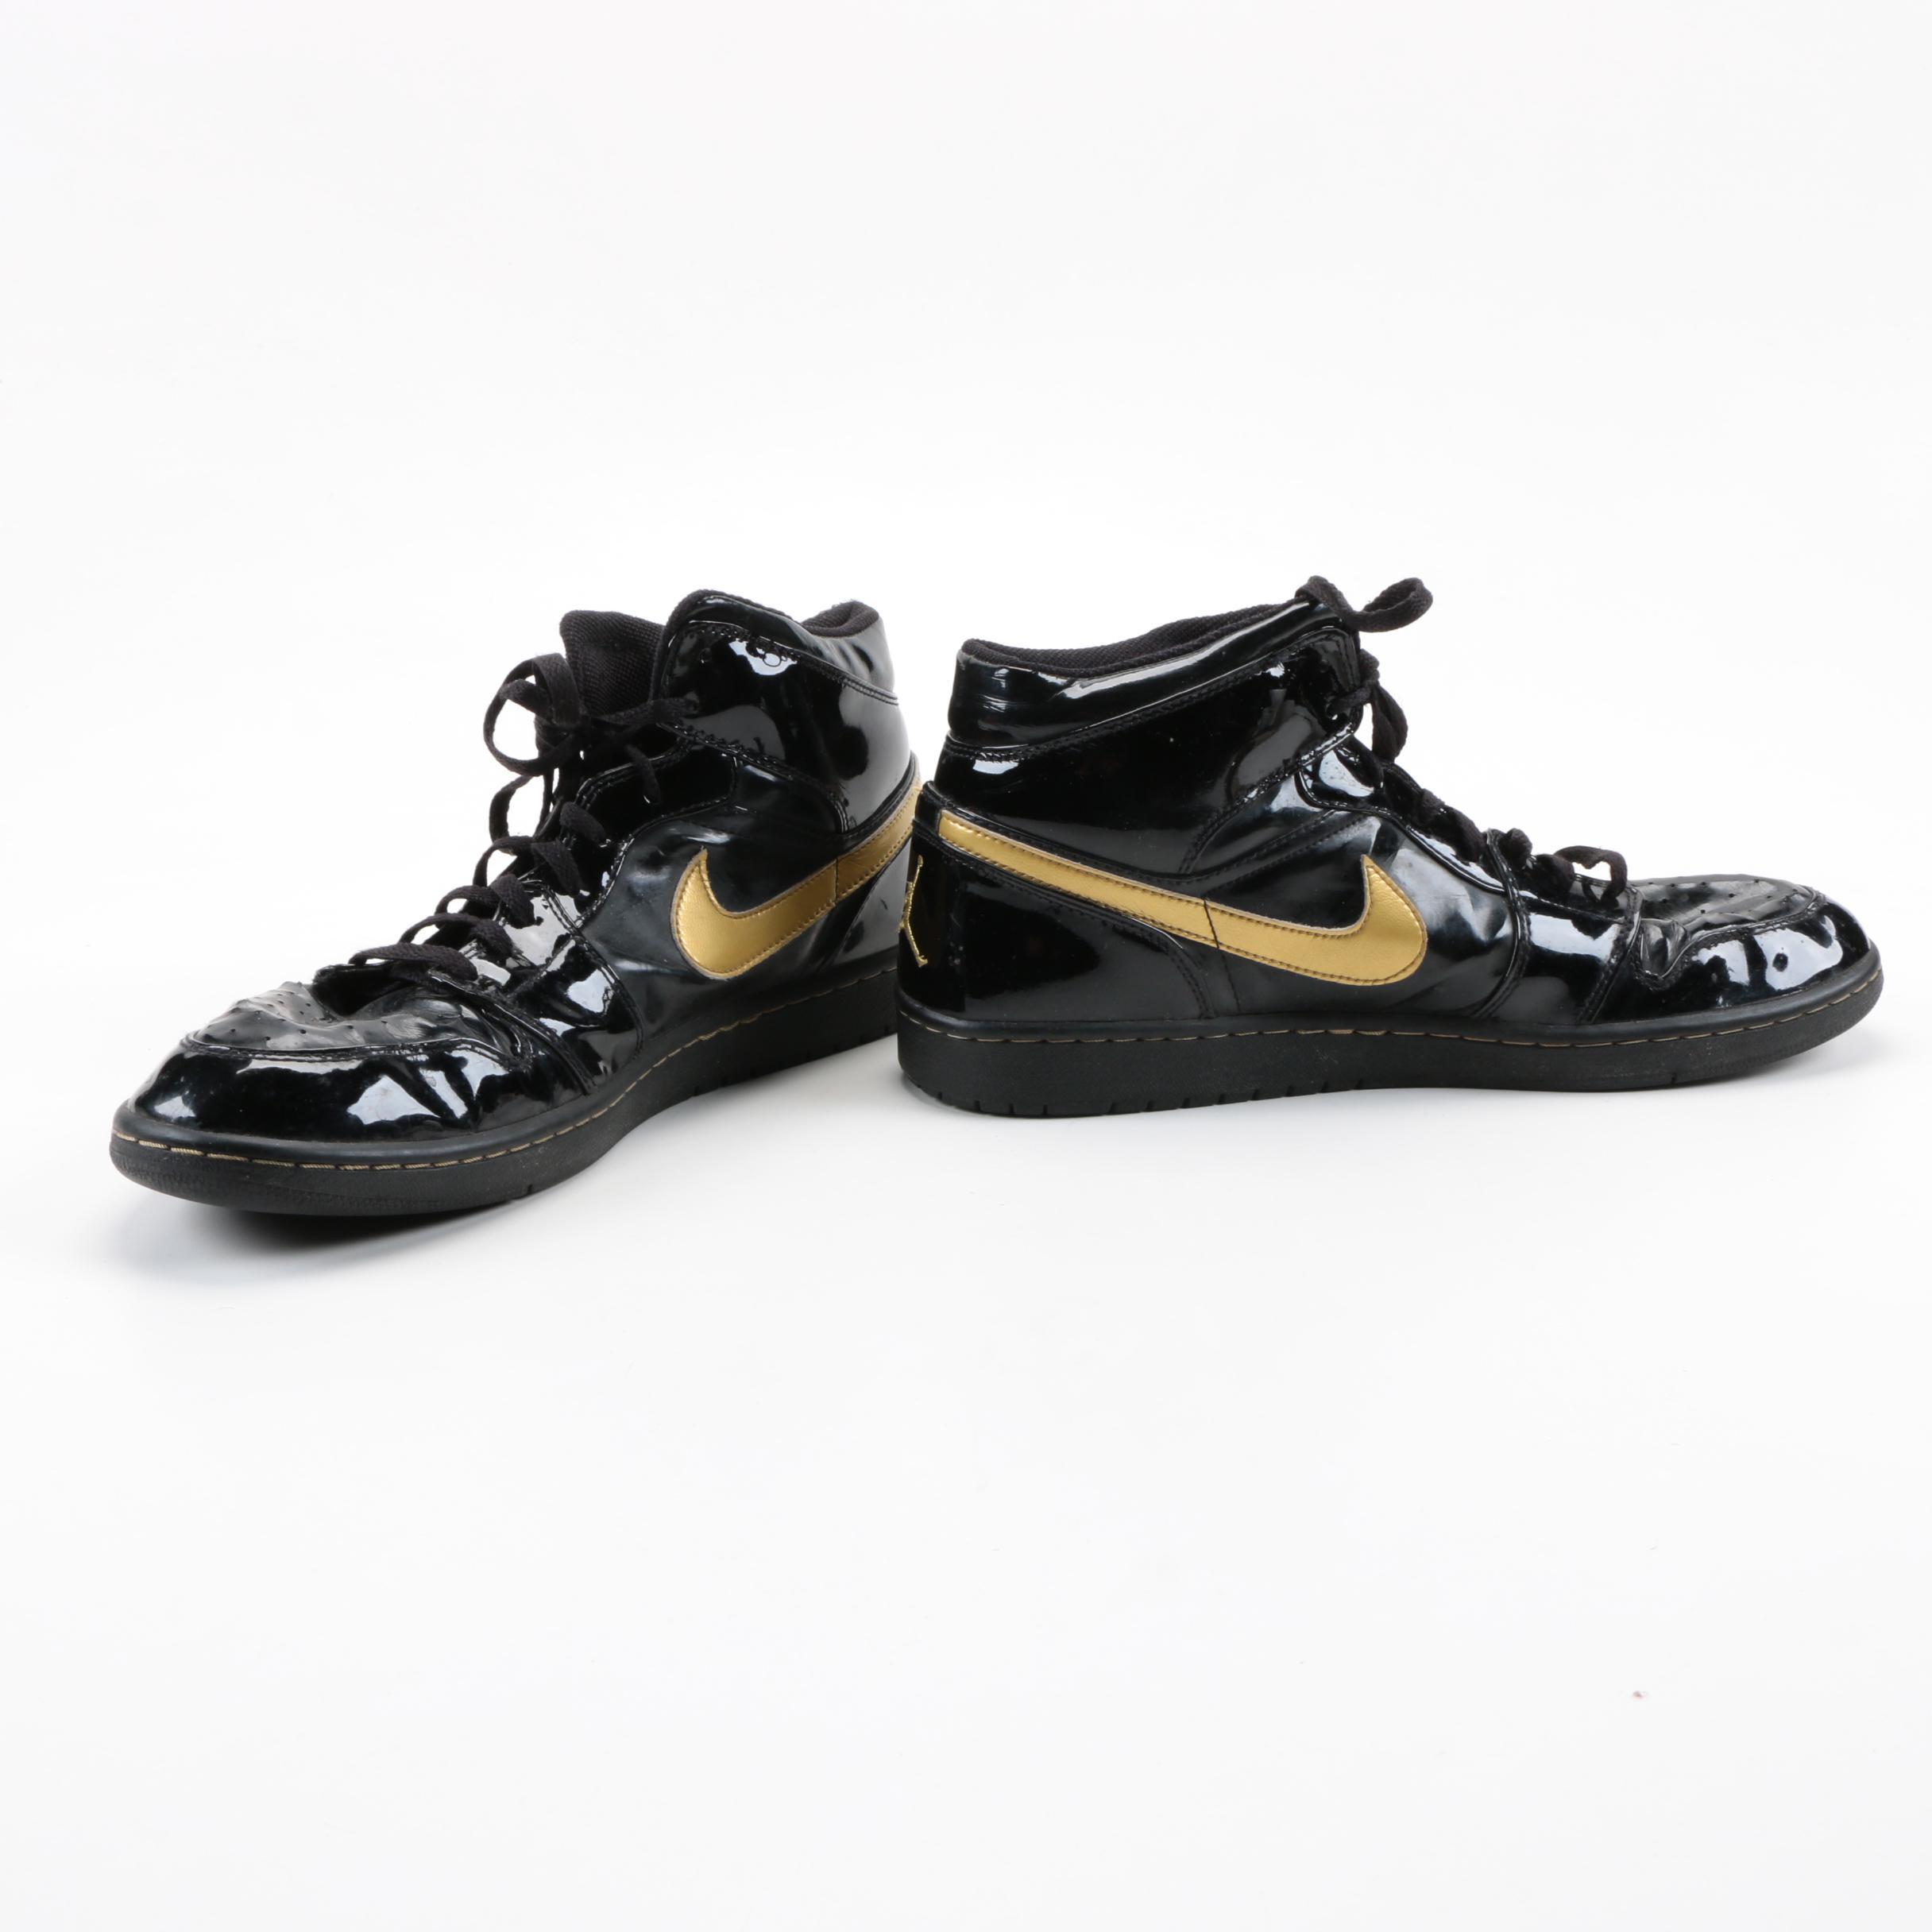 47ce3f65f816 ... spain air jordan xiii mens air jordan 1 retro black and gold tone  sneakers 85169 15629